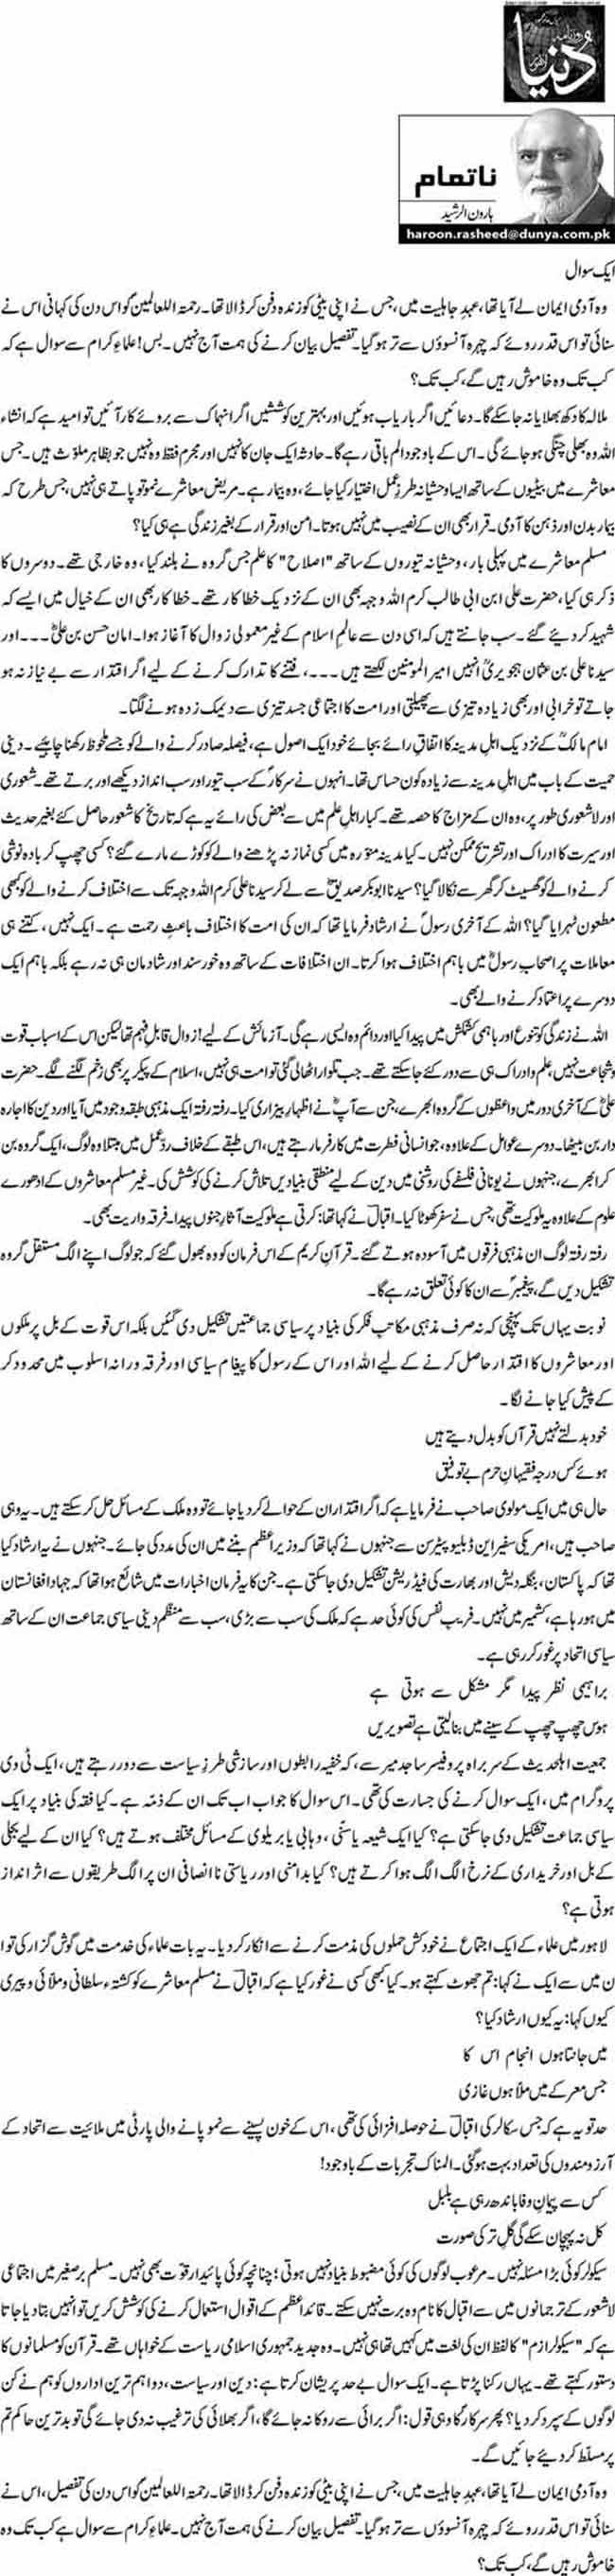 Aik Sawal - Haroon-ur-Rasheed